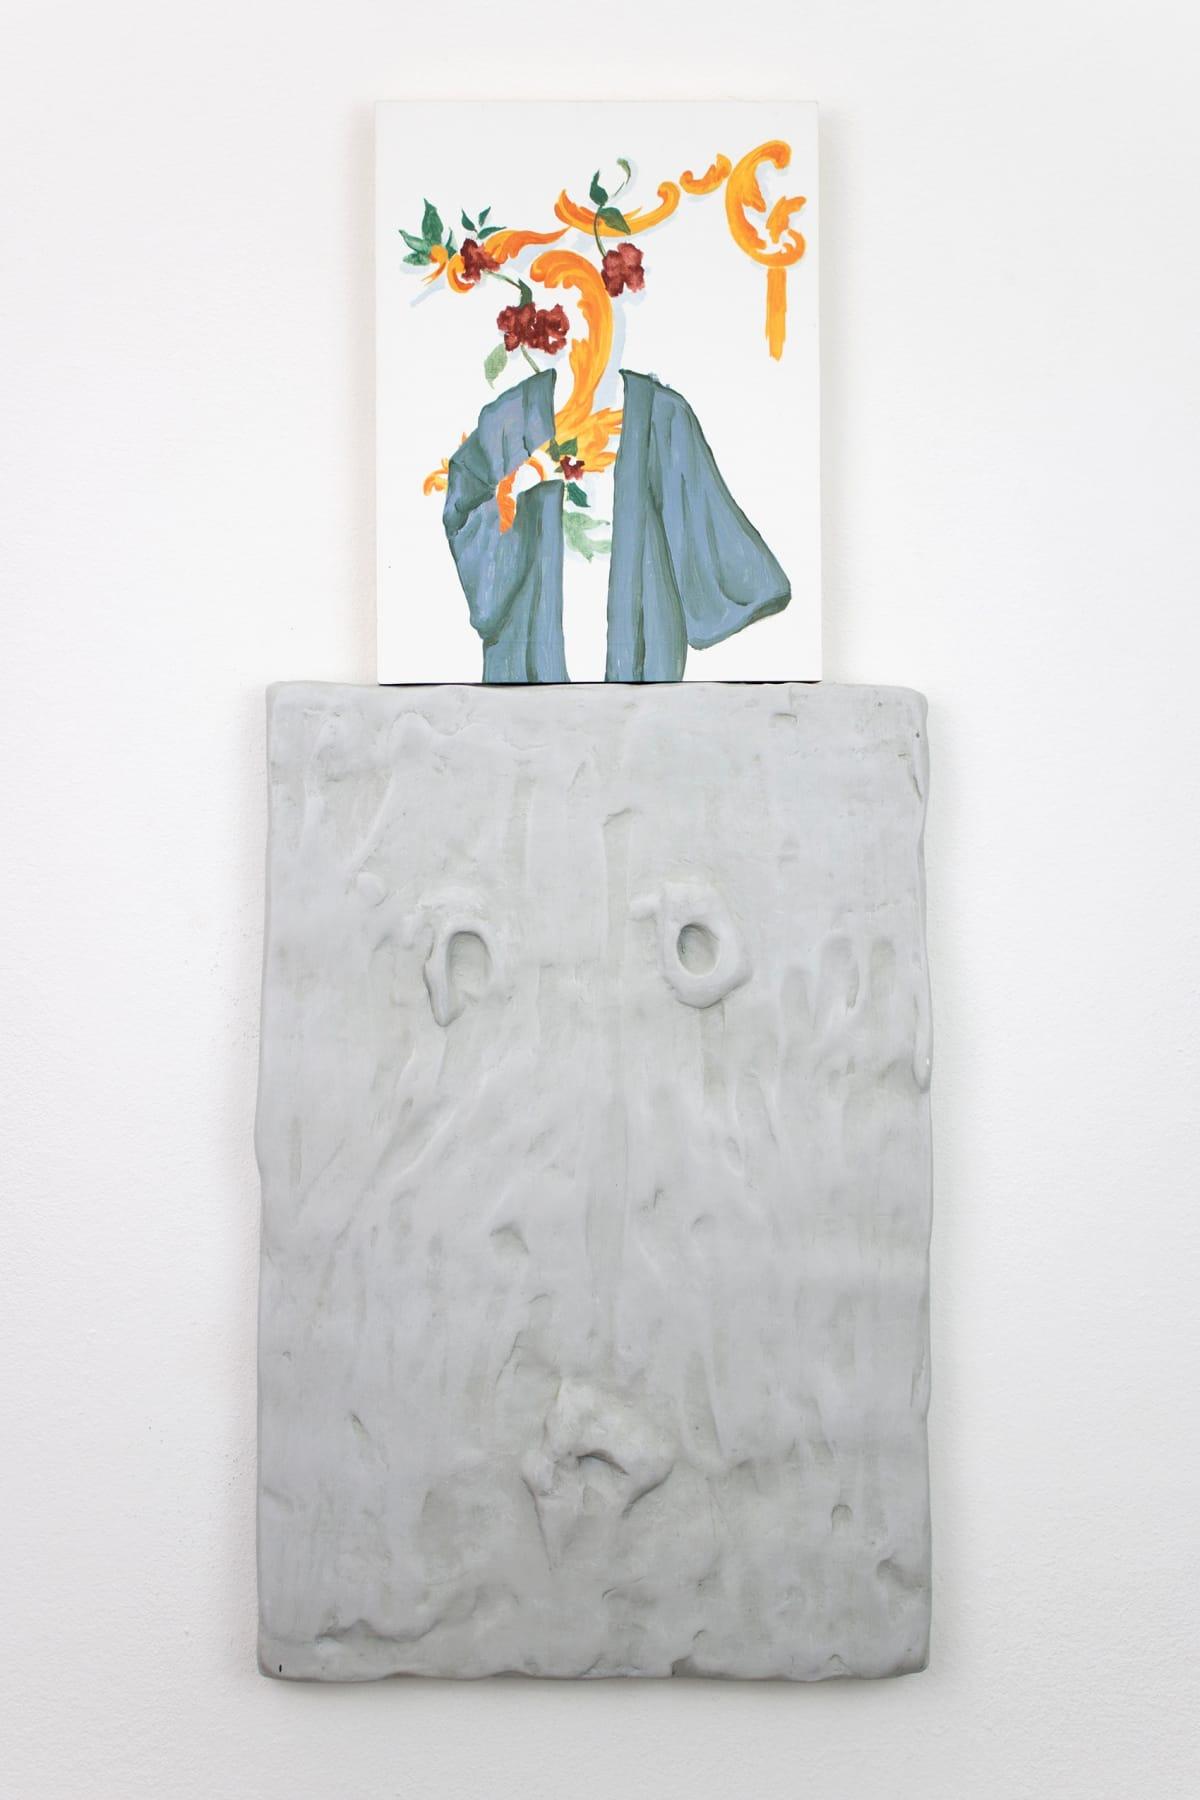 contemporary art gallery, vienna, austria, viewing room